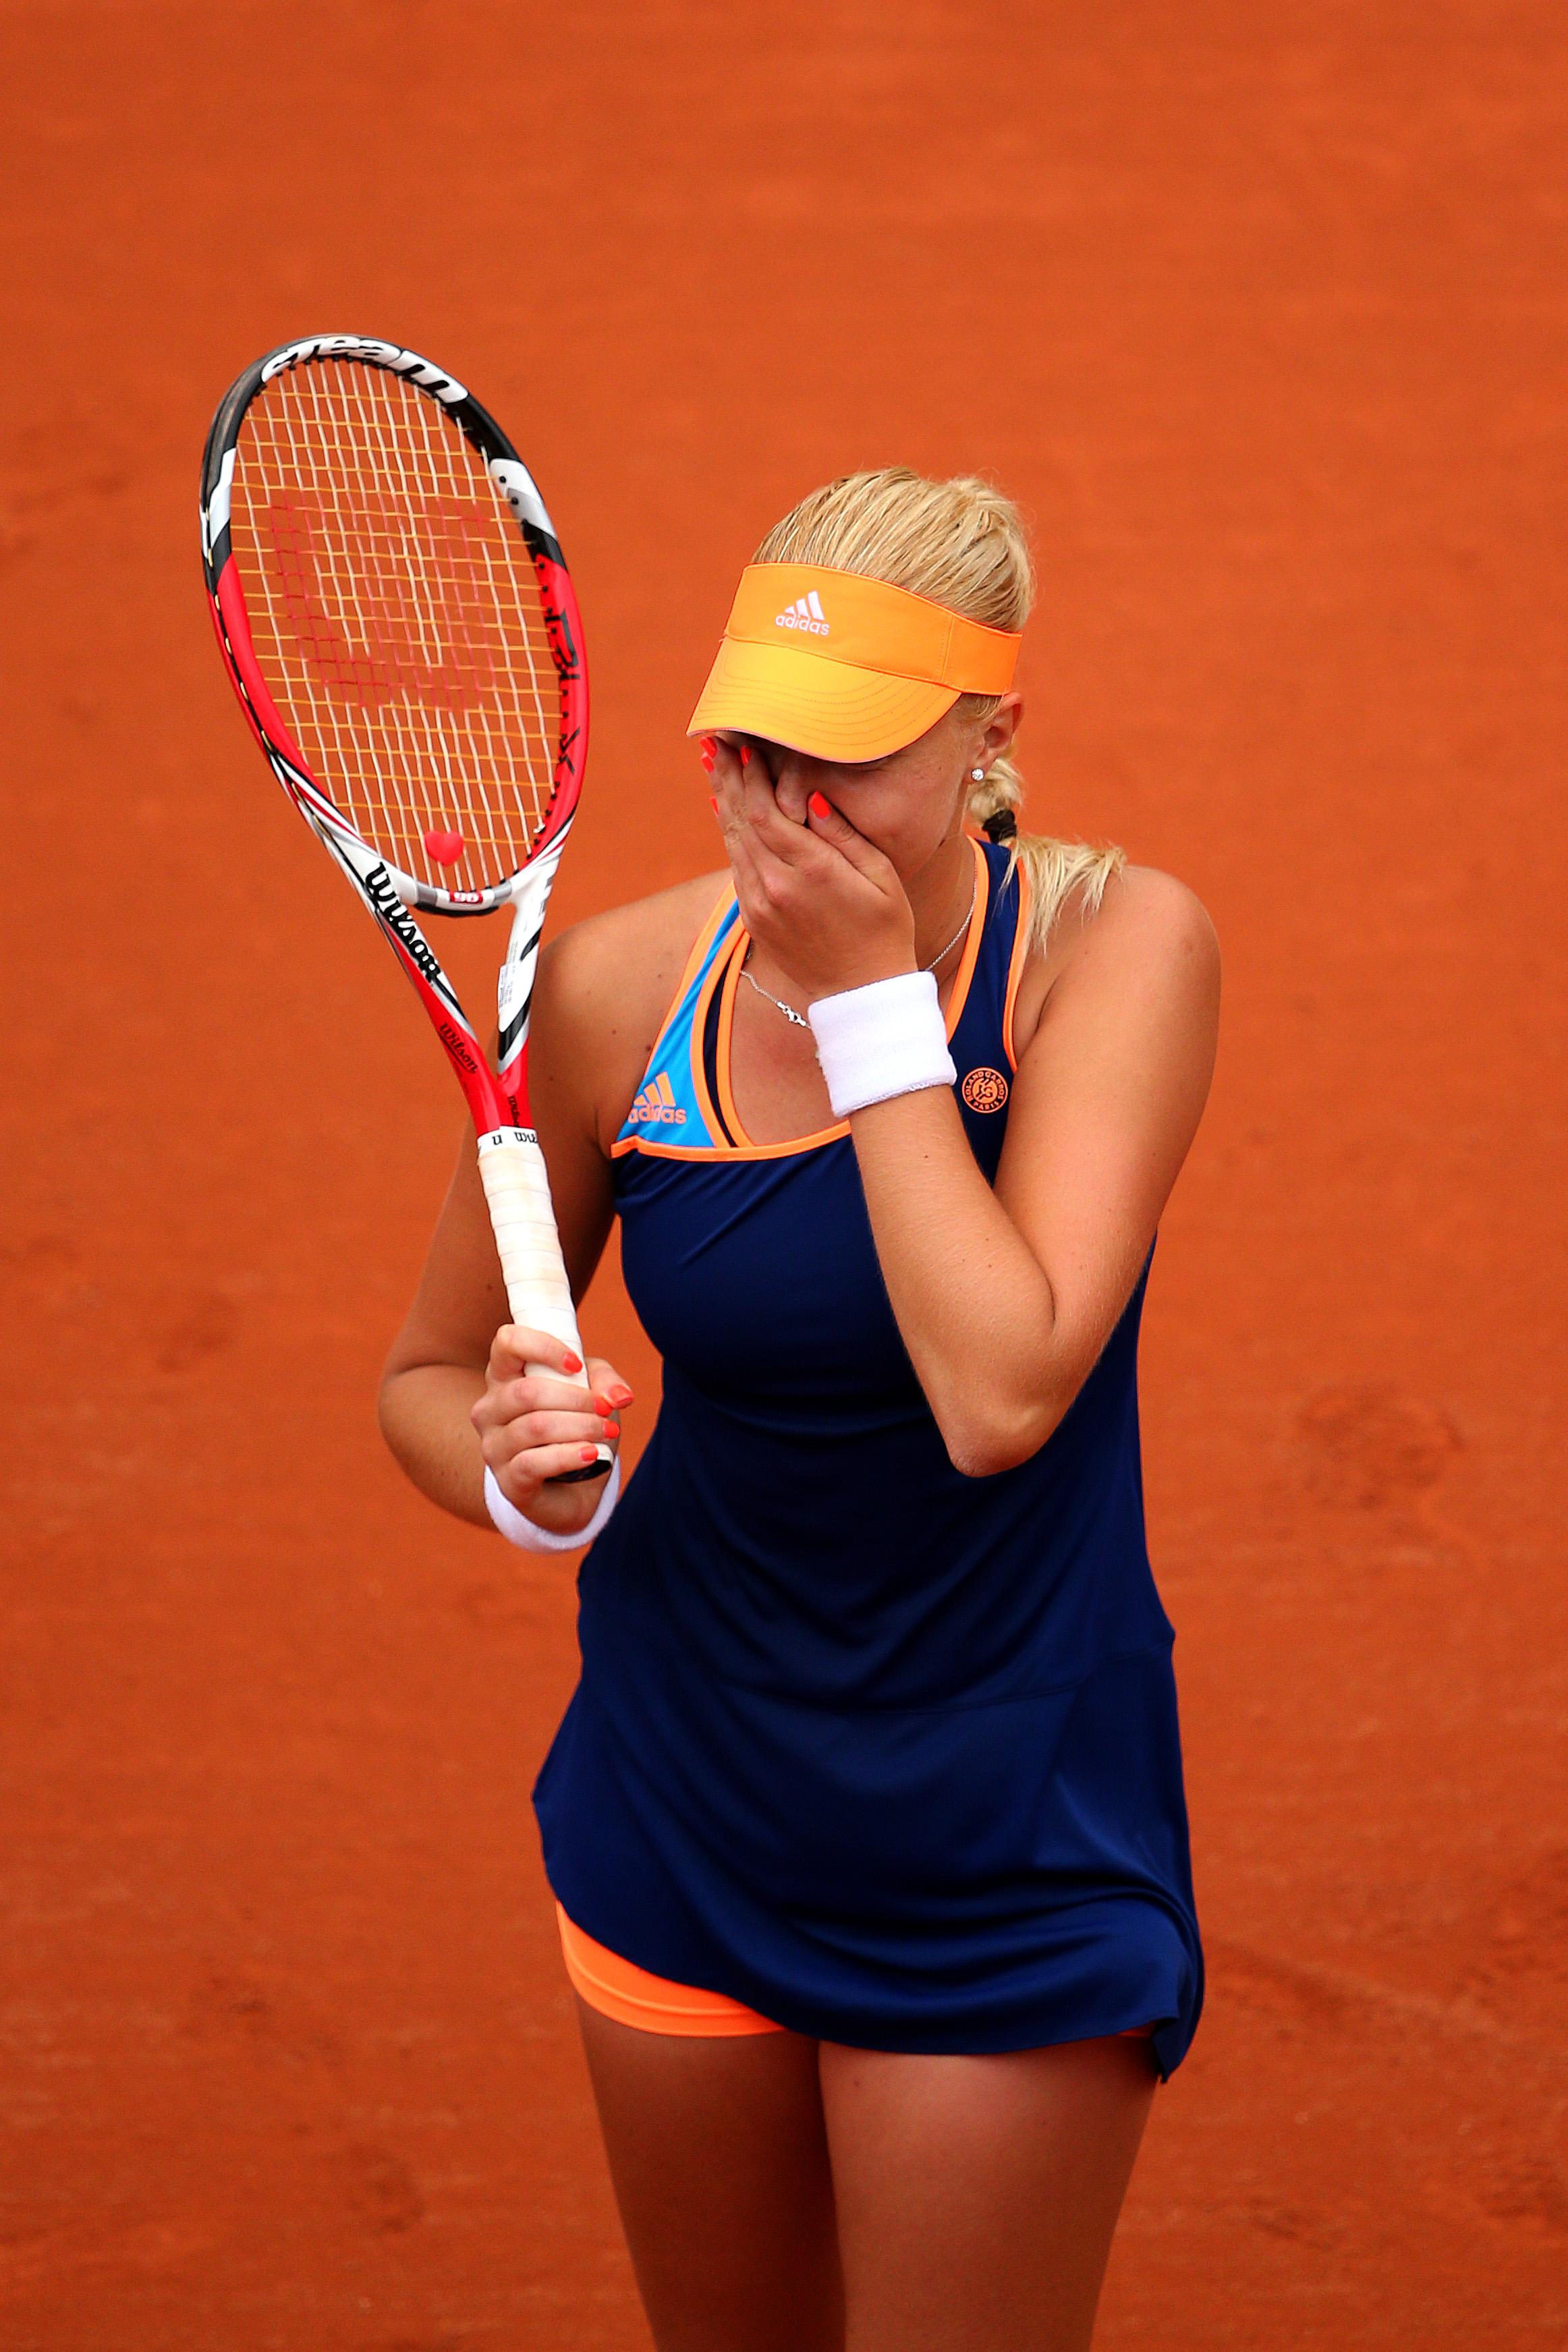 France's Kristina Mladenovic celebrates victory